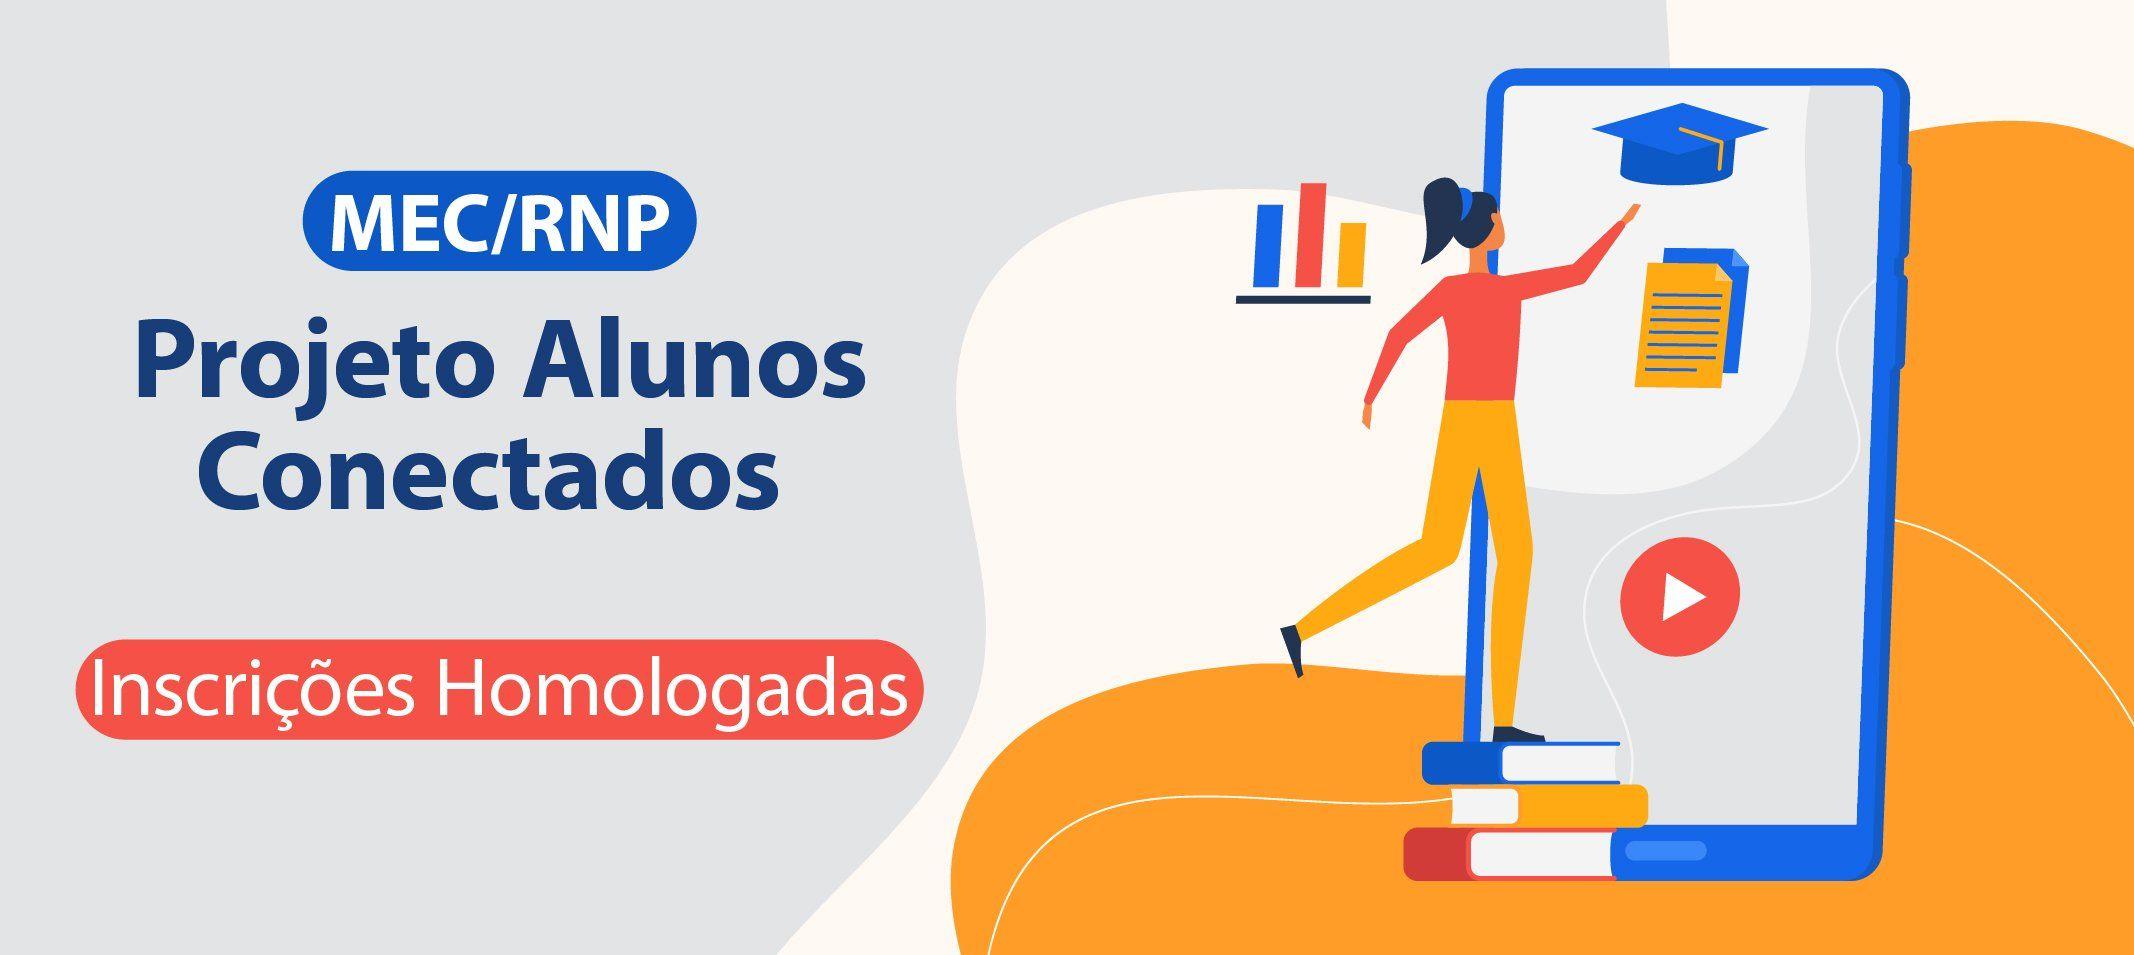 Projeto Alunos Conectados do MEC/RNP contempla mais de 1700 discentes com chips e serviços de internet